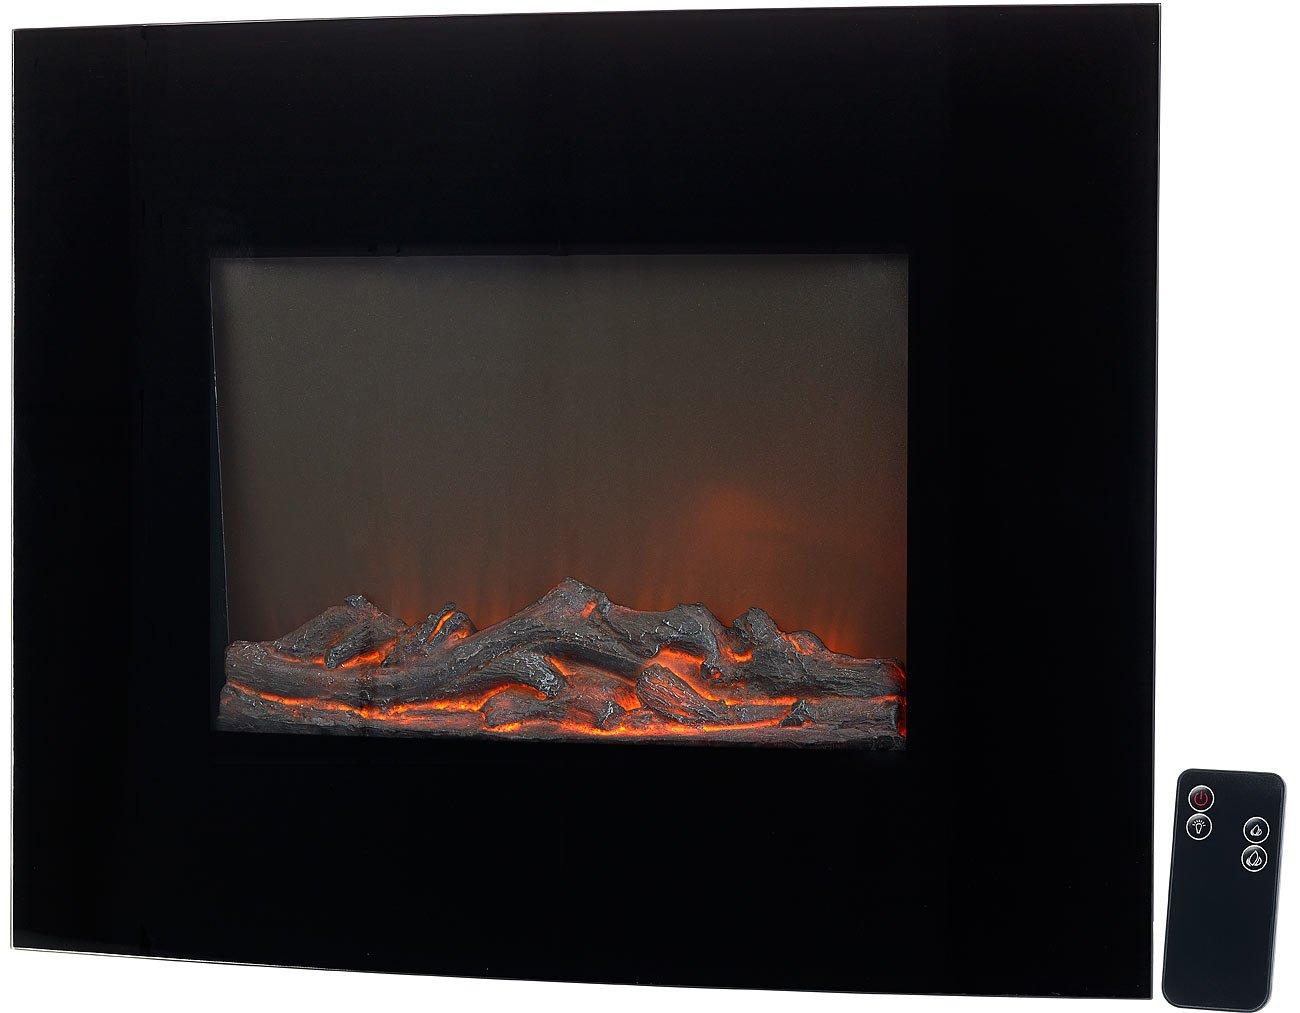 Carlo Milano Zimmerkamin: Elektrischer Kamin Ignis mit Heizlüfter & Feuer-Effekt zur Wandmontage (Elektrokamin hängend)